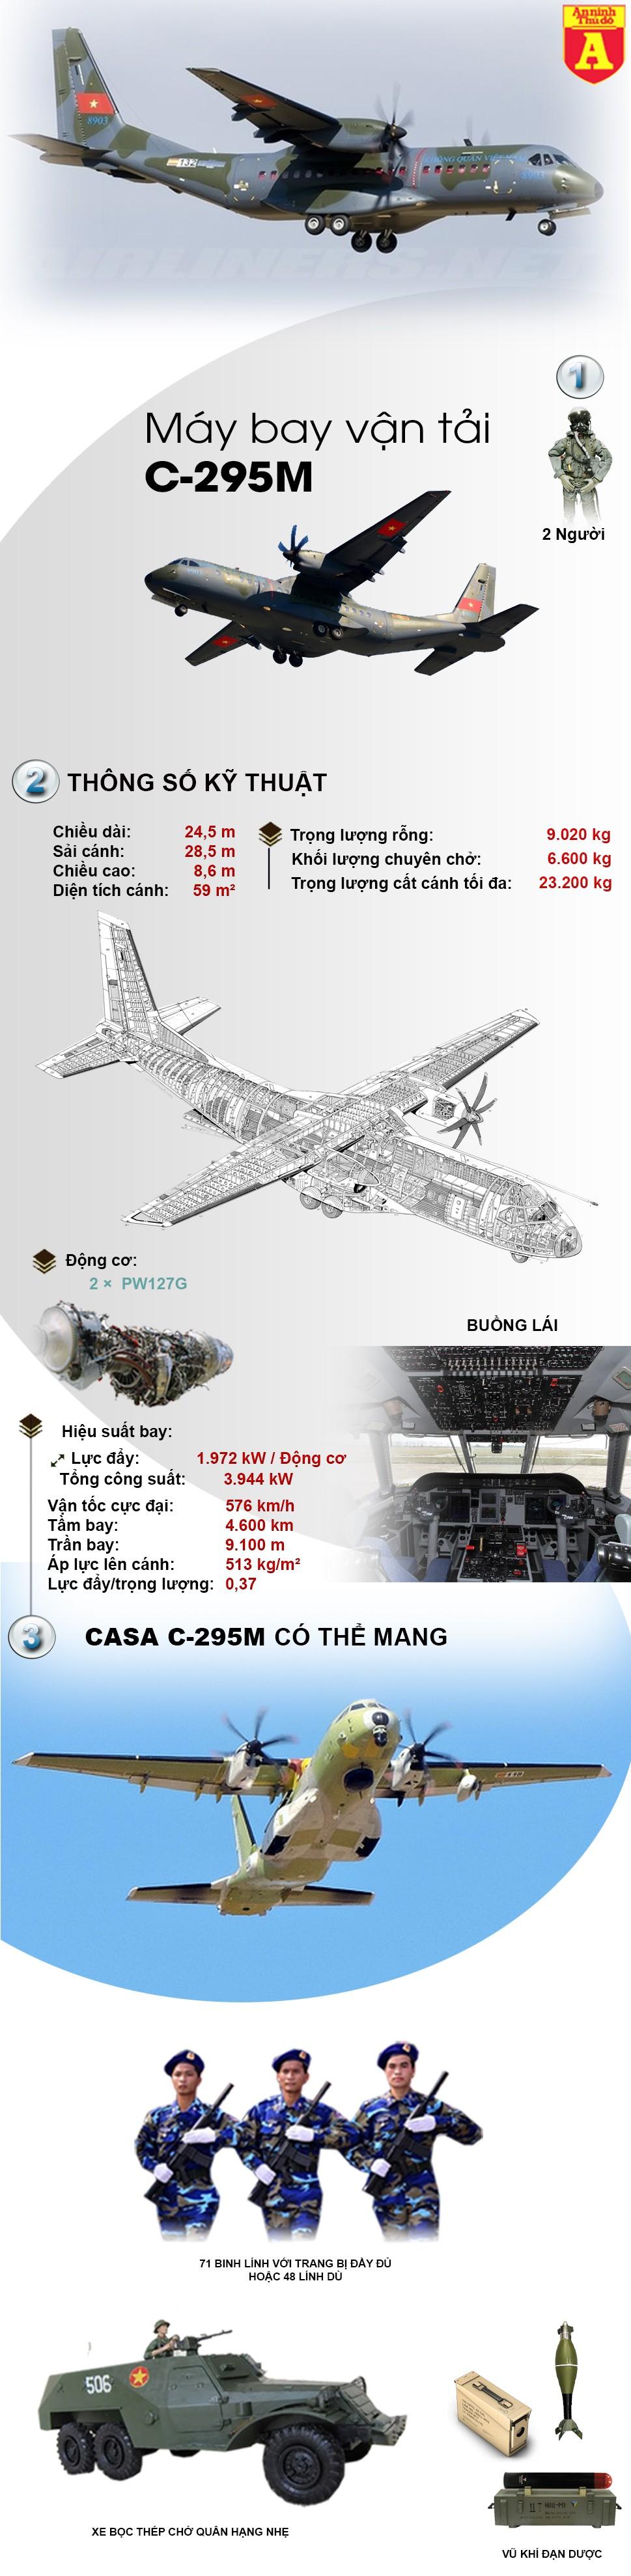 [Infographic] Máy bay vận tải hiện đại nhất của Việt Nam vừa tham gia diễn tập chống khủng bố ảnh 3